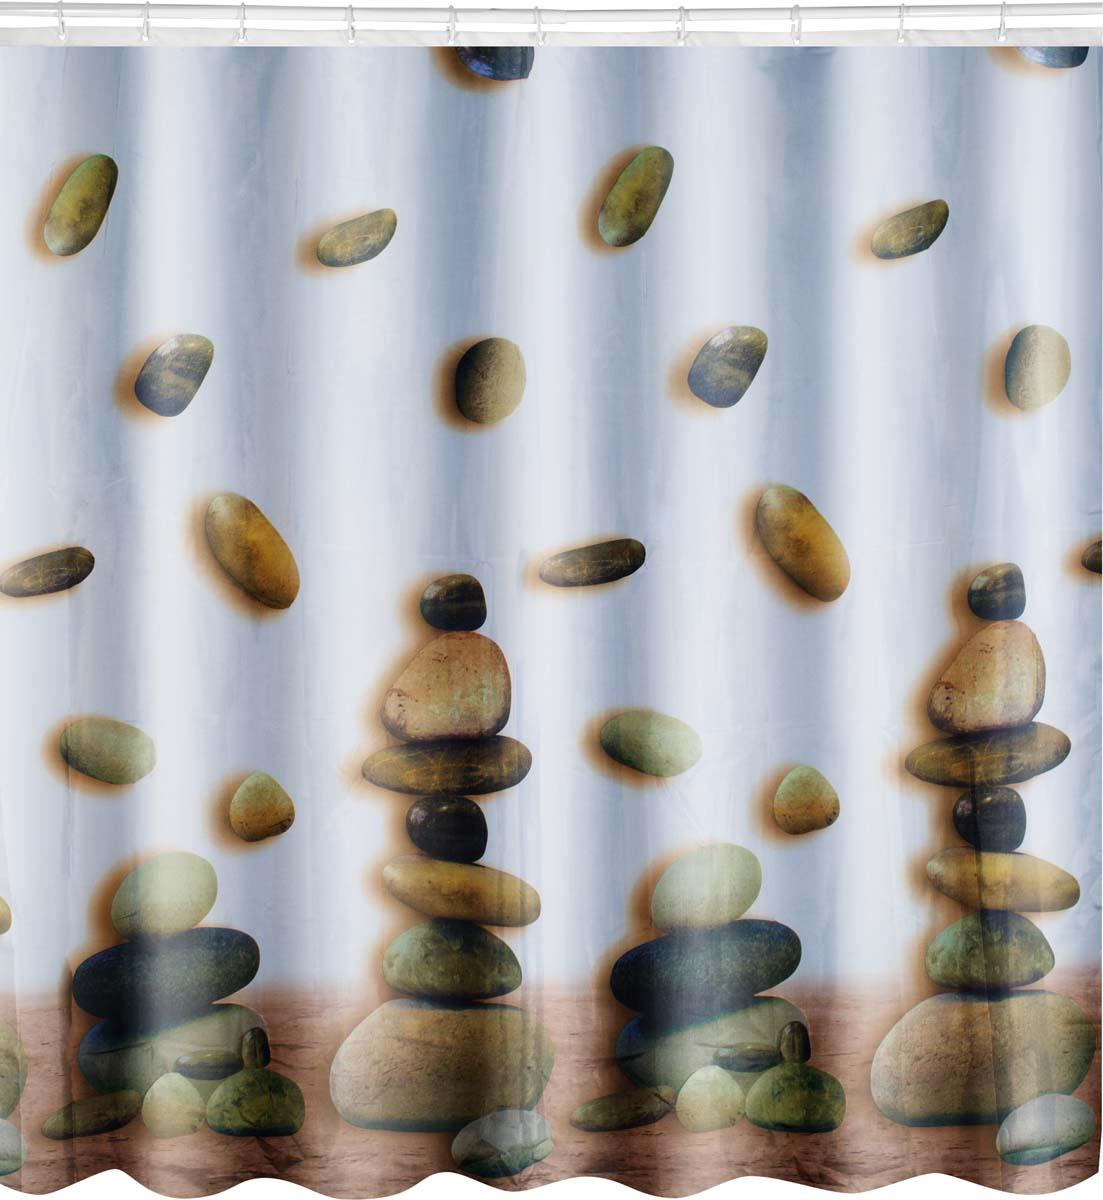 Штора для ванной комнаты Torre одновременно выполняет практическую и декоративную функции. Дизайн шторы - рисунок в виж=lе камней. Плотная занавеска из полиэстера препятствует попаданию капель воды и мыльной пены на пол и коврик возле ванны, обеспечивает комфортное ощущение во время принятия душа. Материал обработан гидрофобной пропиткой, легко выдерживает прямой напор водных струй. Изделие образует красивые мягкие складки, зрительно не уменьшает пространство.